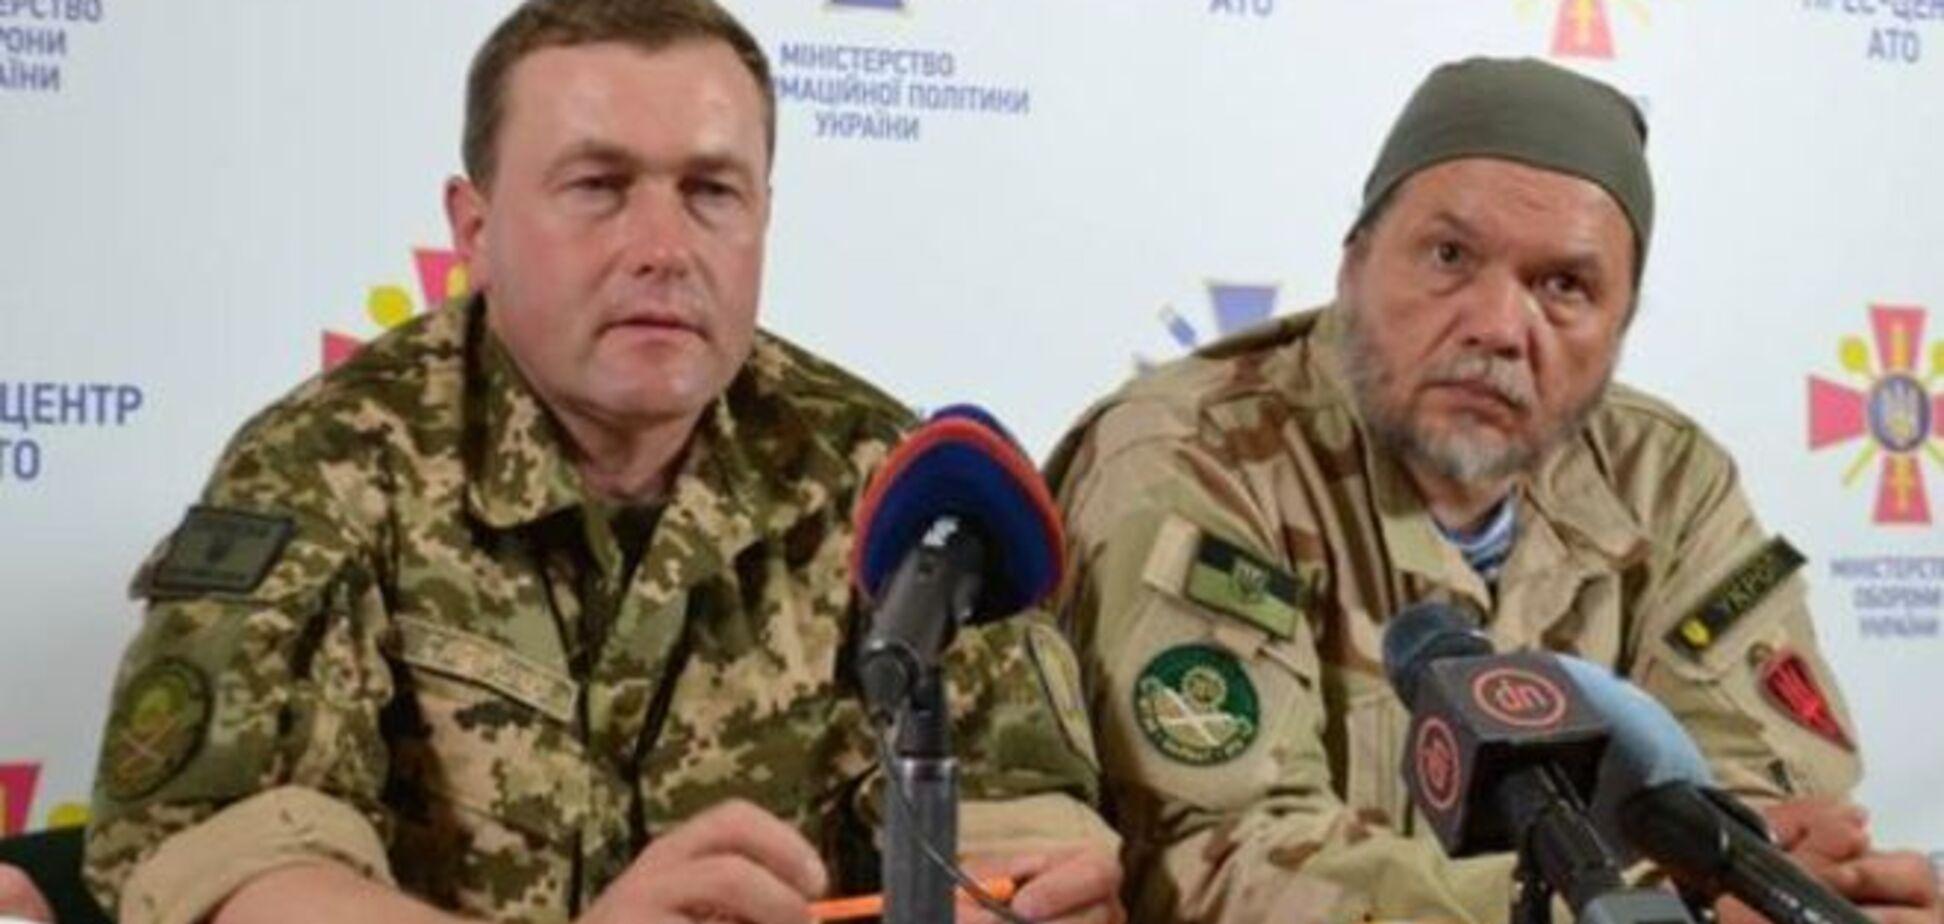 Полковник АТО назвал точное количество российско-террористических войск и их техники на Донбассе